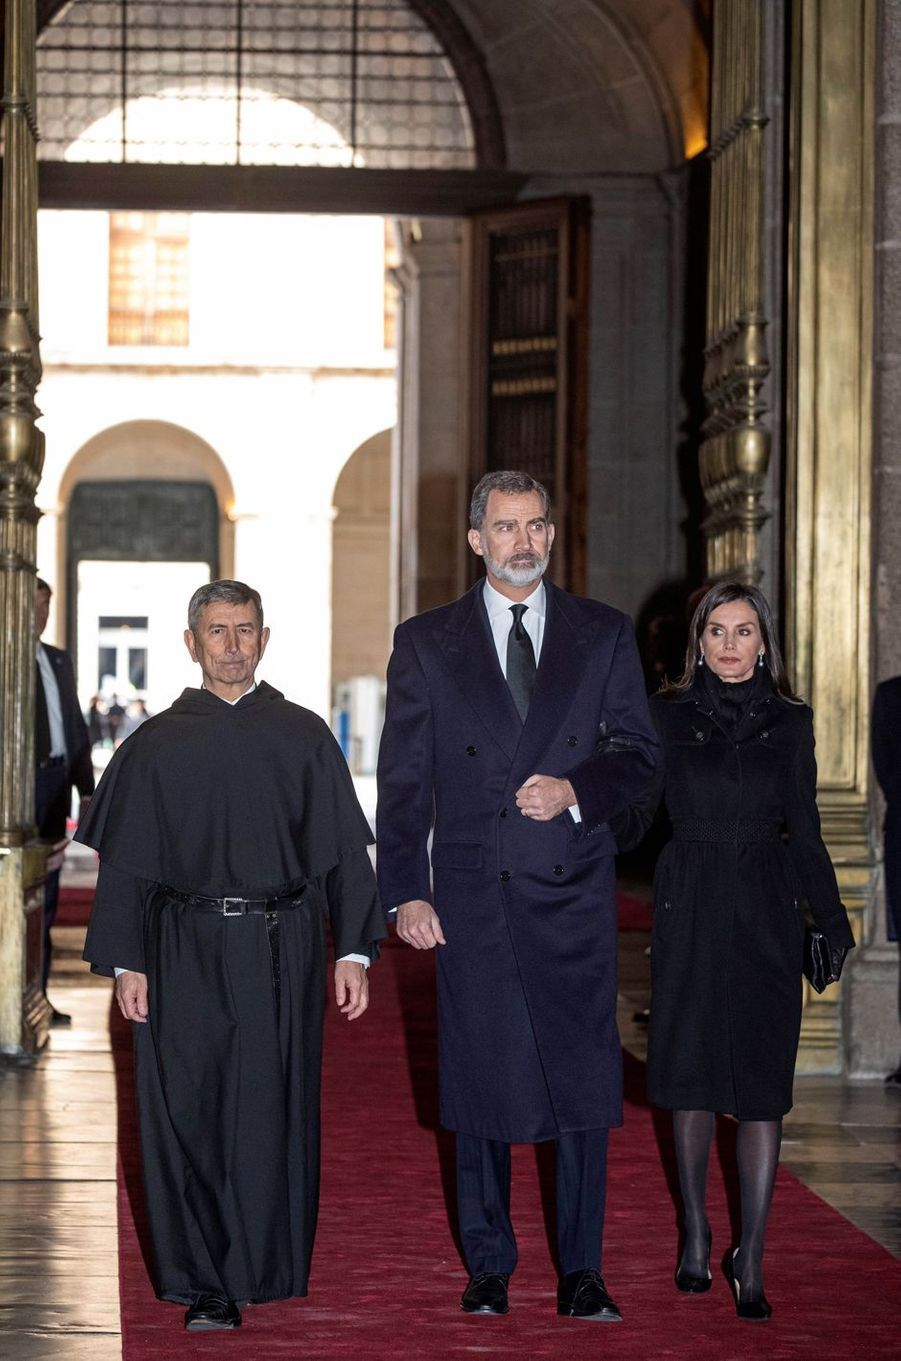 La reine Letizia et le roi Felipe VI d'Espagnedans la basilique du monastère royal de San Lorenzo de El Escorial, le 29 janvier 2020